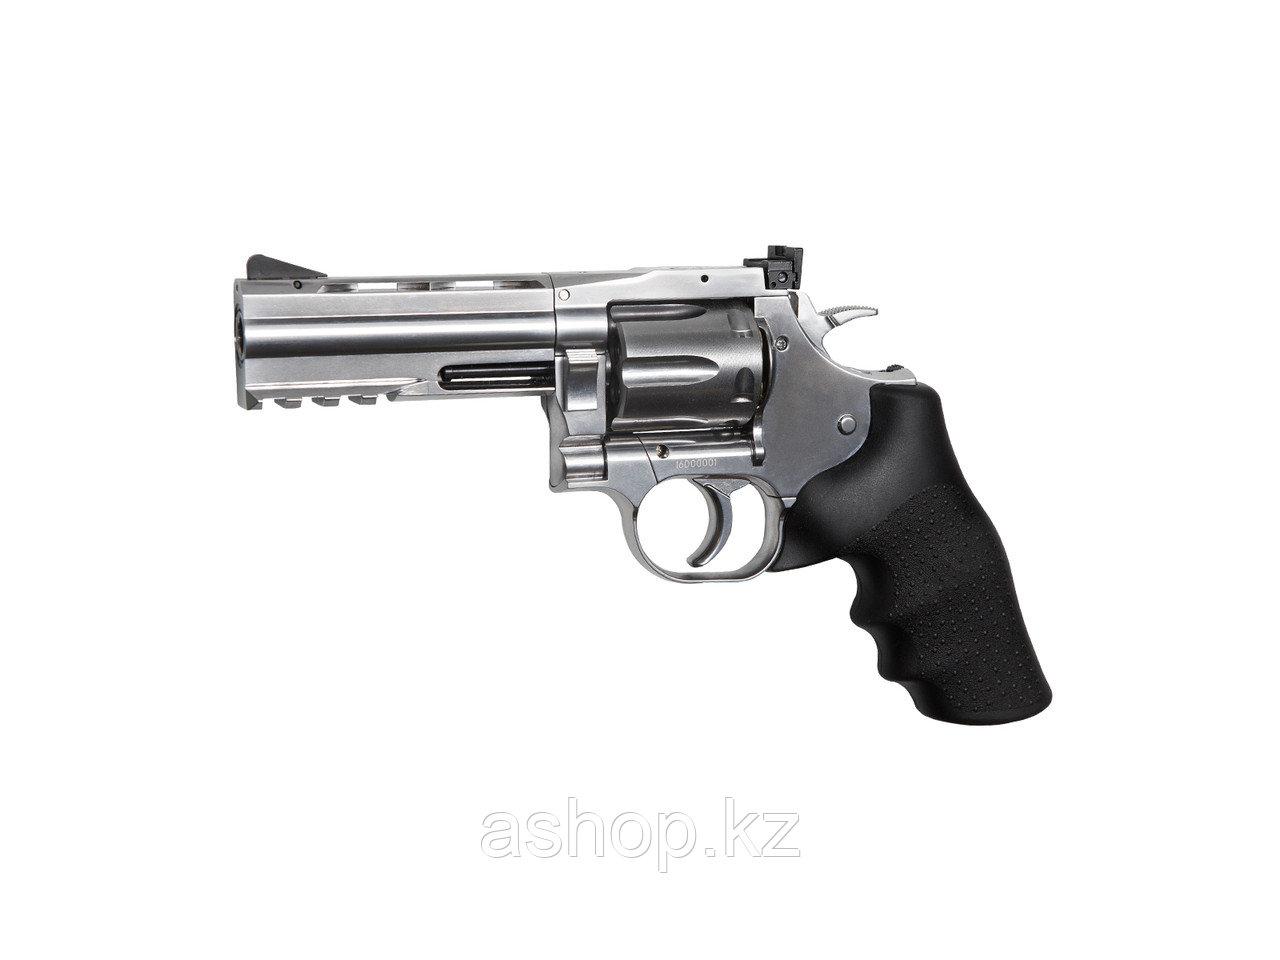 """Револьвер пневматический ASG Dan Wesson 4"""", Калибр: 4,5 мм (.177, BB), Дульная энергия: 2,7 Дж, Ёмкость магази"""